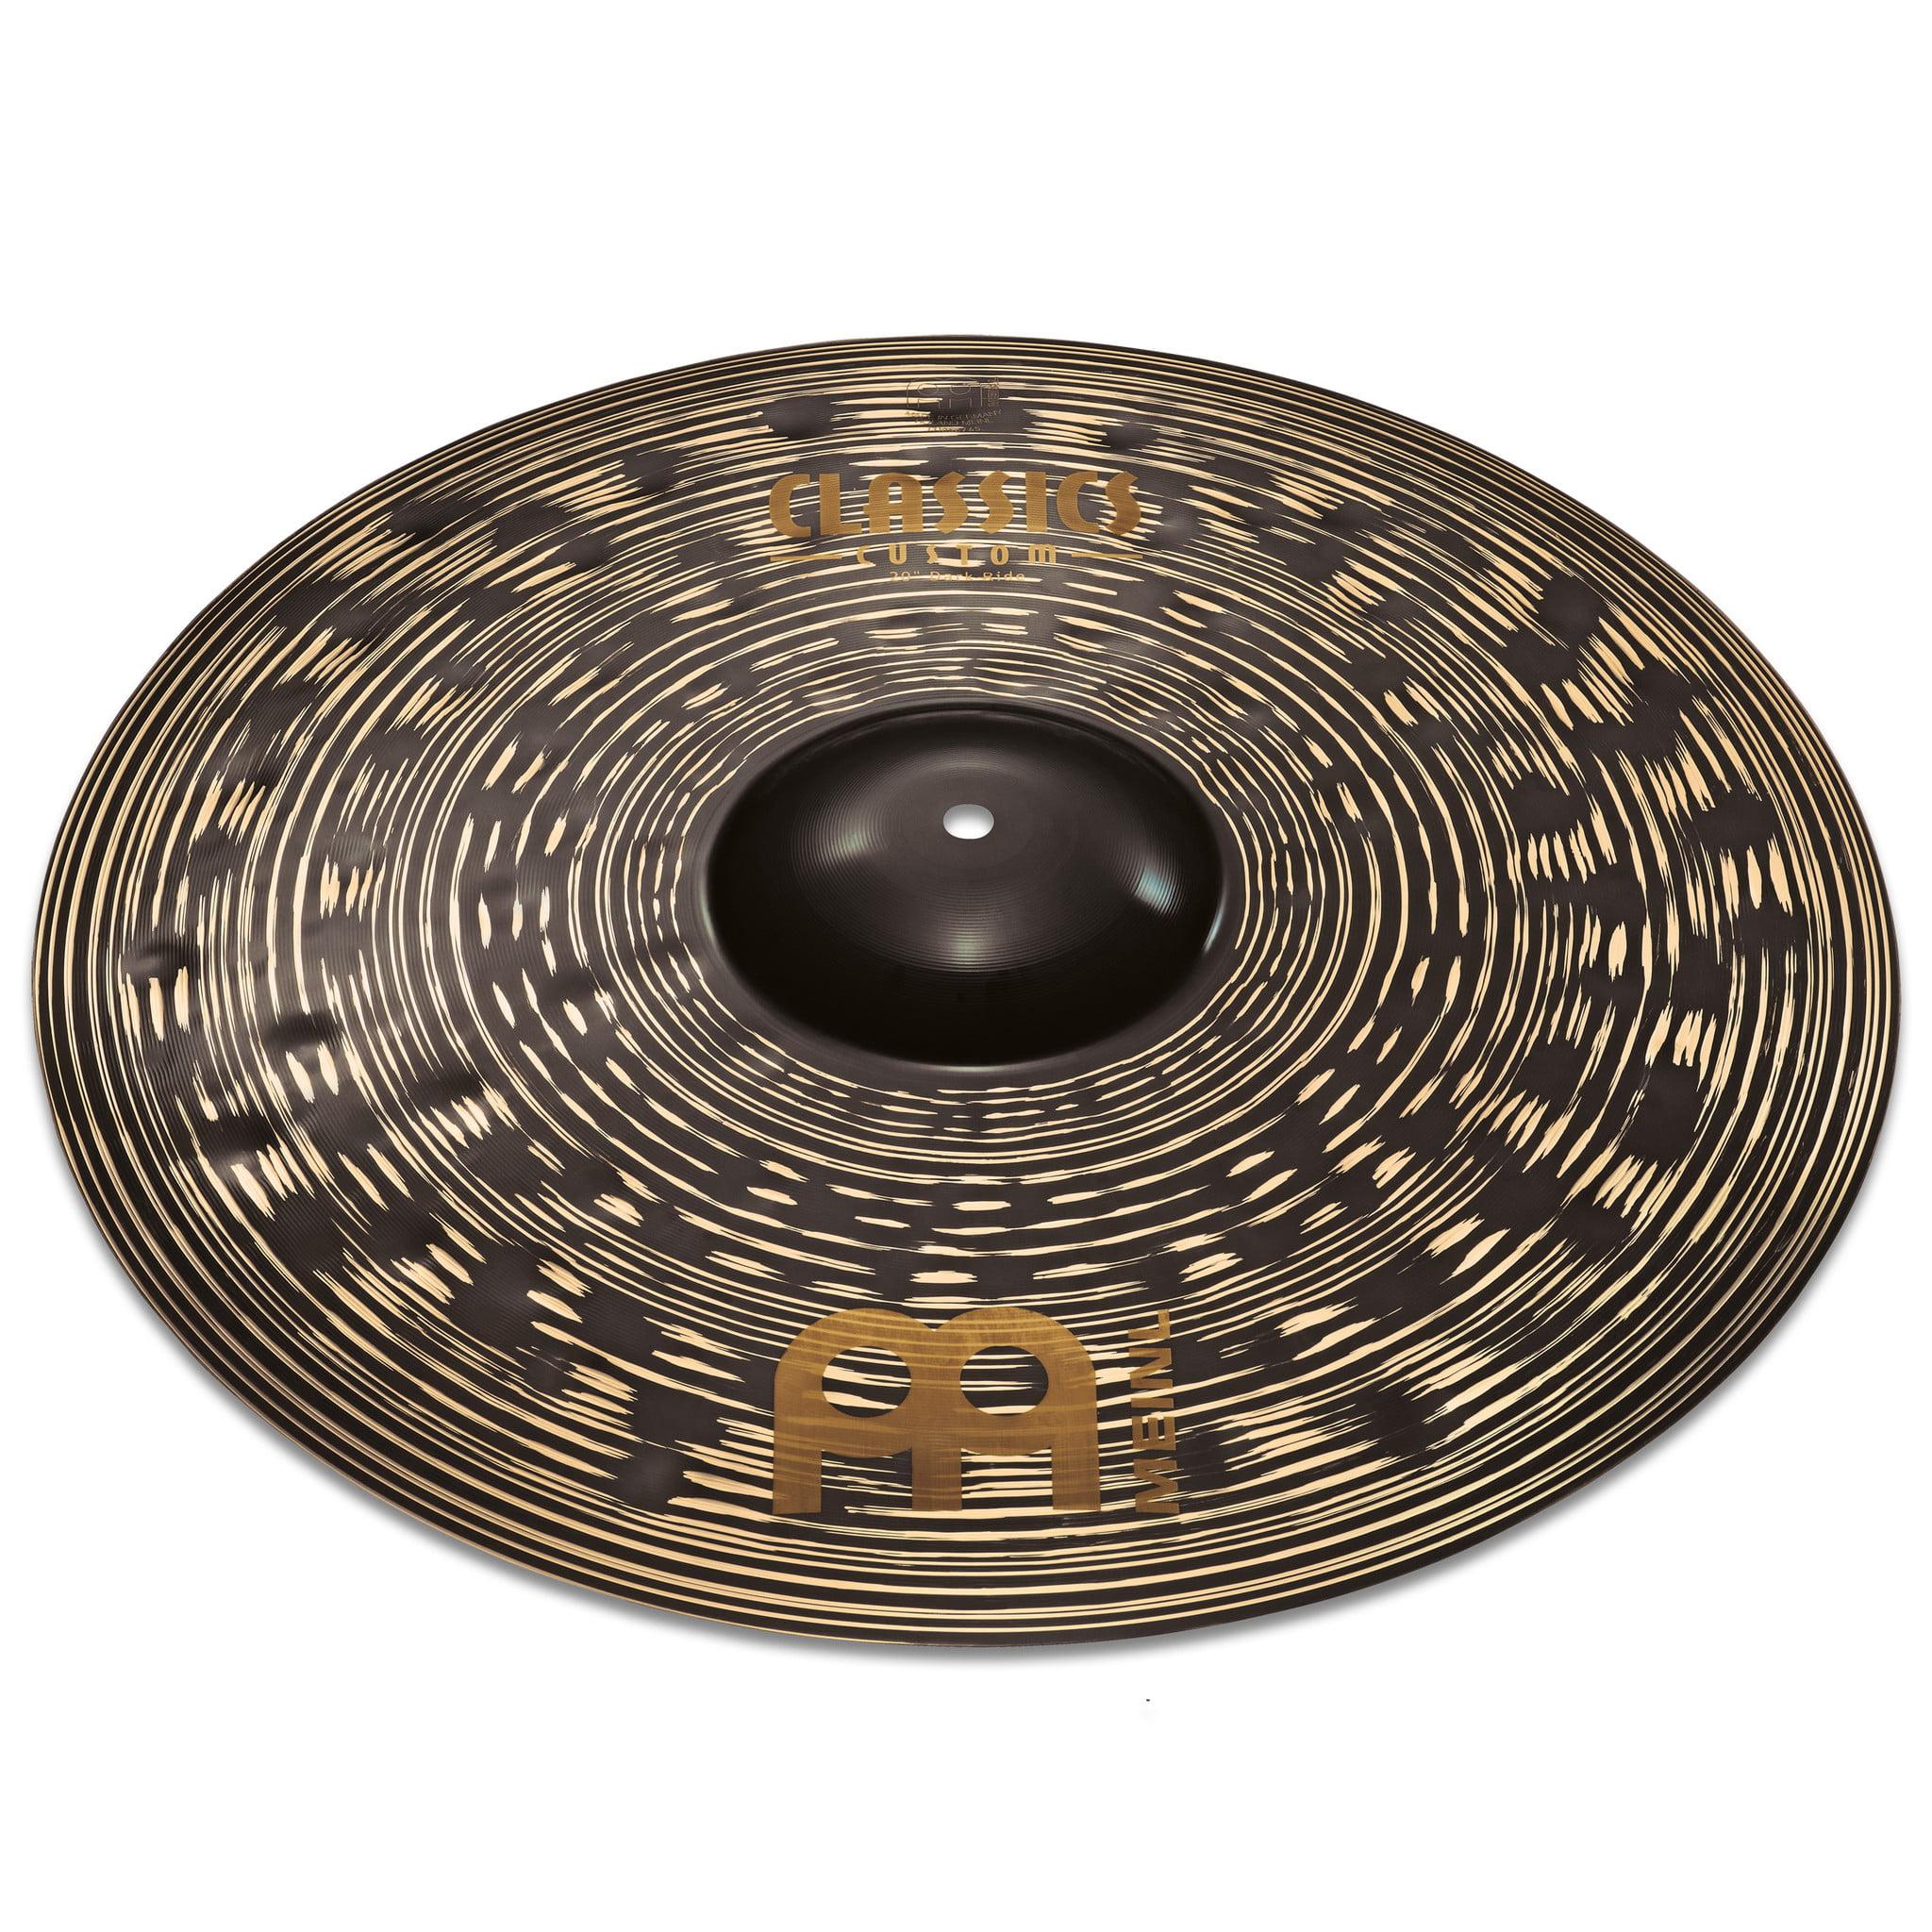 Meinl 20 Inch Dark Ride Cymbal Classics Custom by Meinl